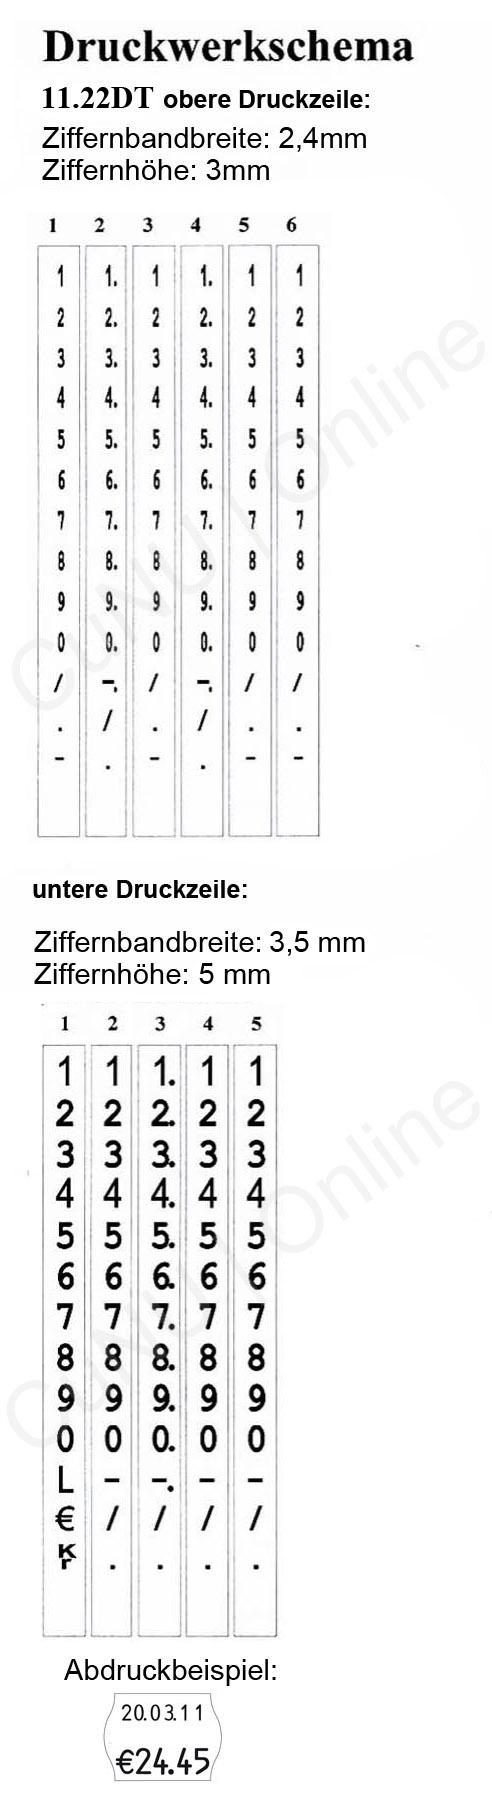 zweizeiliger Preisauszeichner und Datumsauszeichner contact 11.22 DT